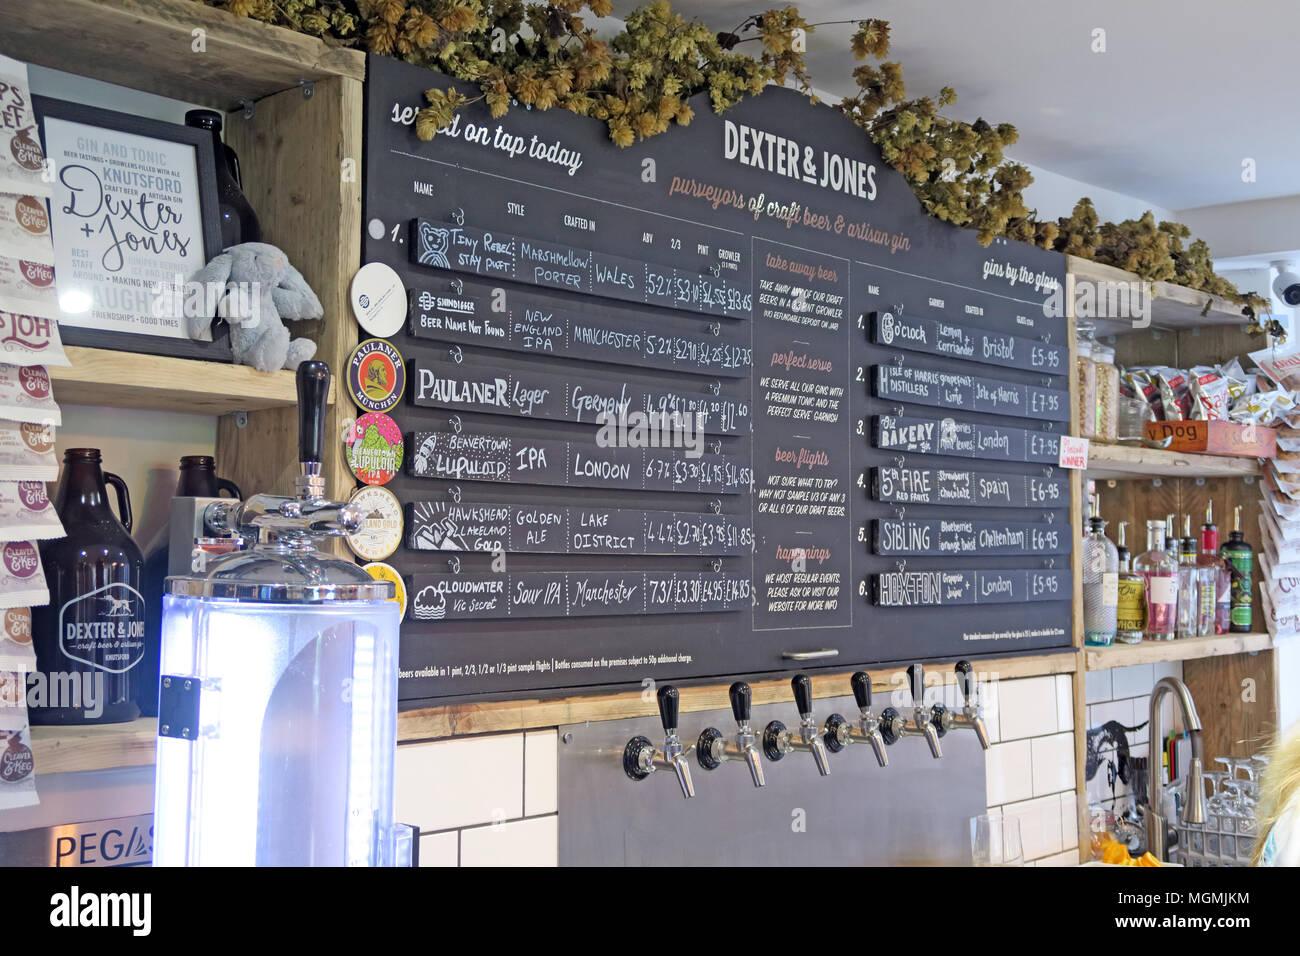 Dexter Jones Knutsford popup craft beer and Gin shop - Stock Image